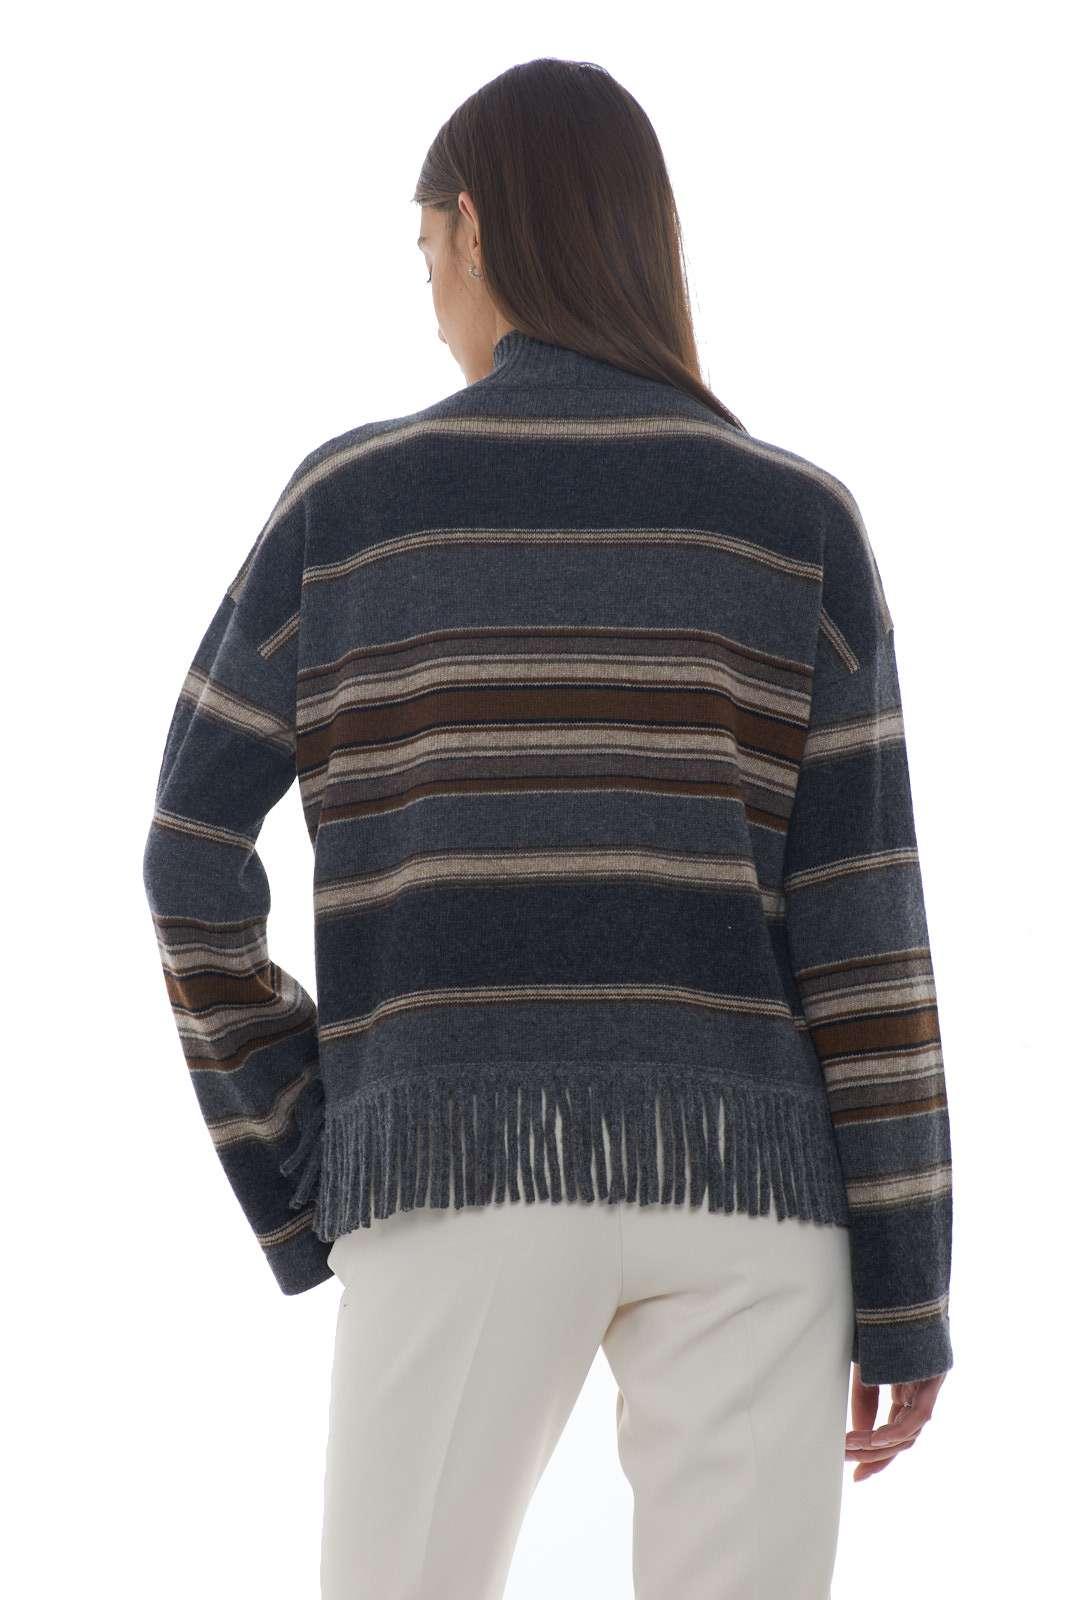 https://www.parmax.com/media/catalog/product/a/i/AI-outlet_parmax-maglia-donna-MaxMara-53662093-Cv.jpg